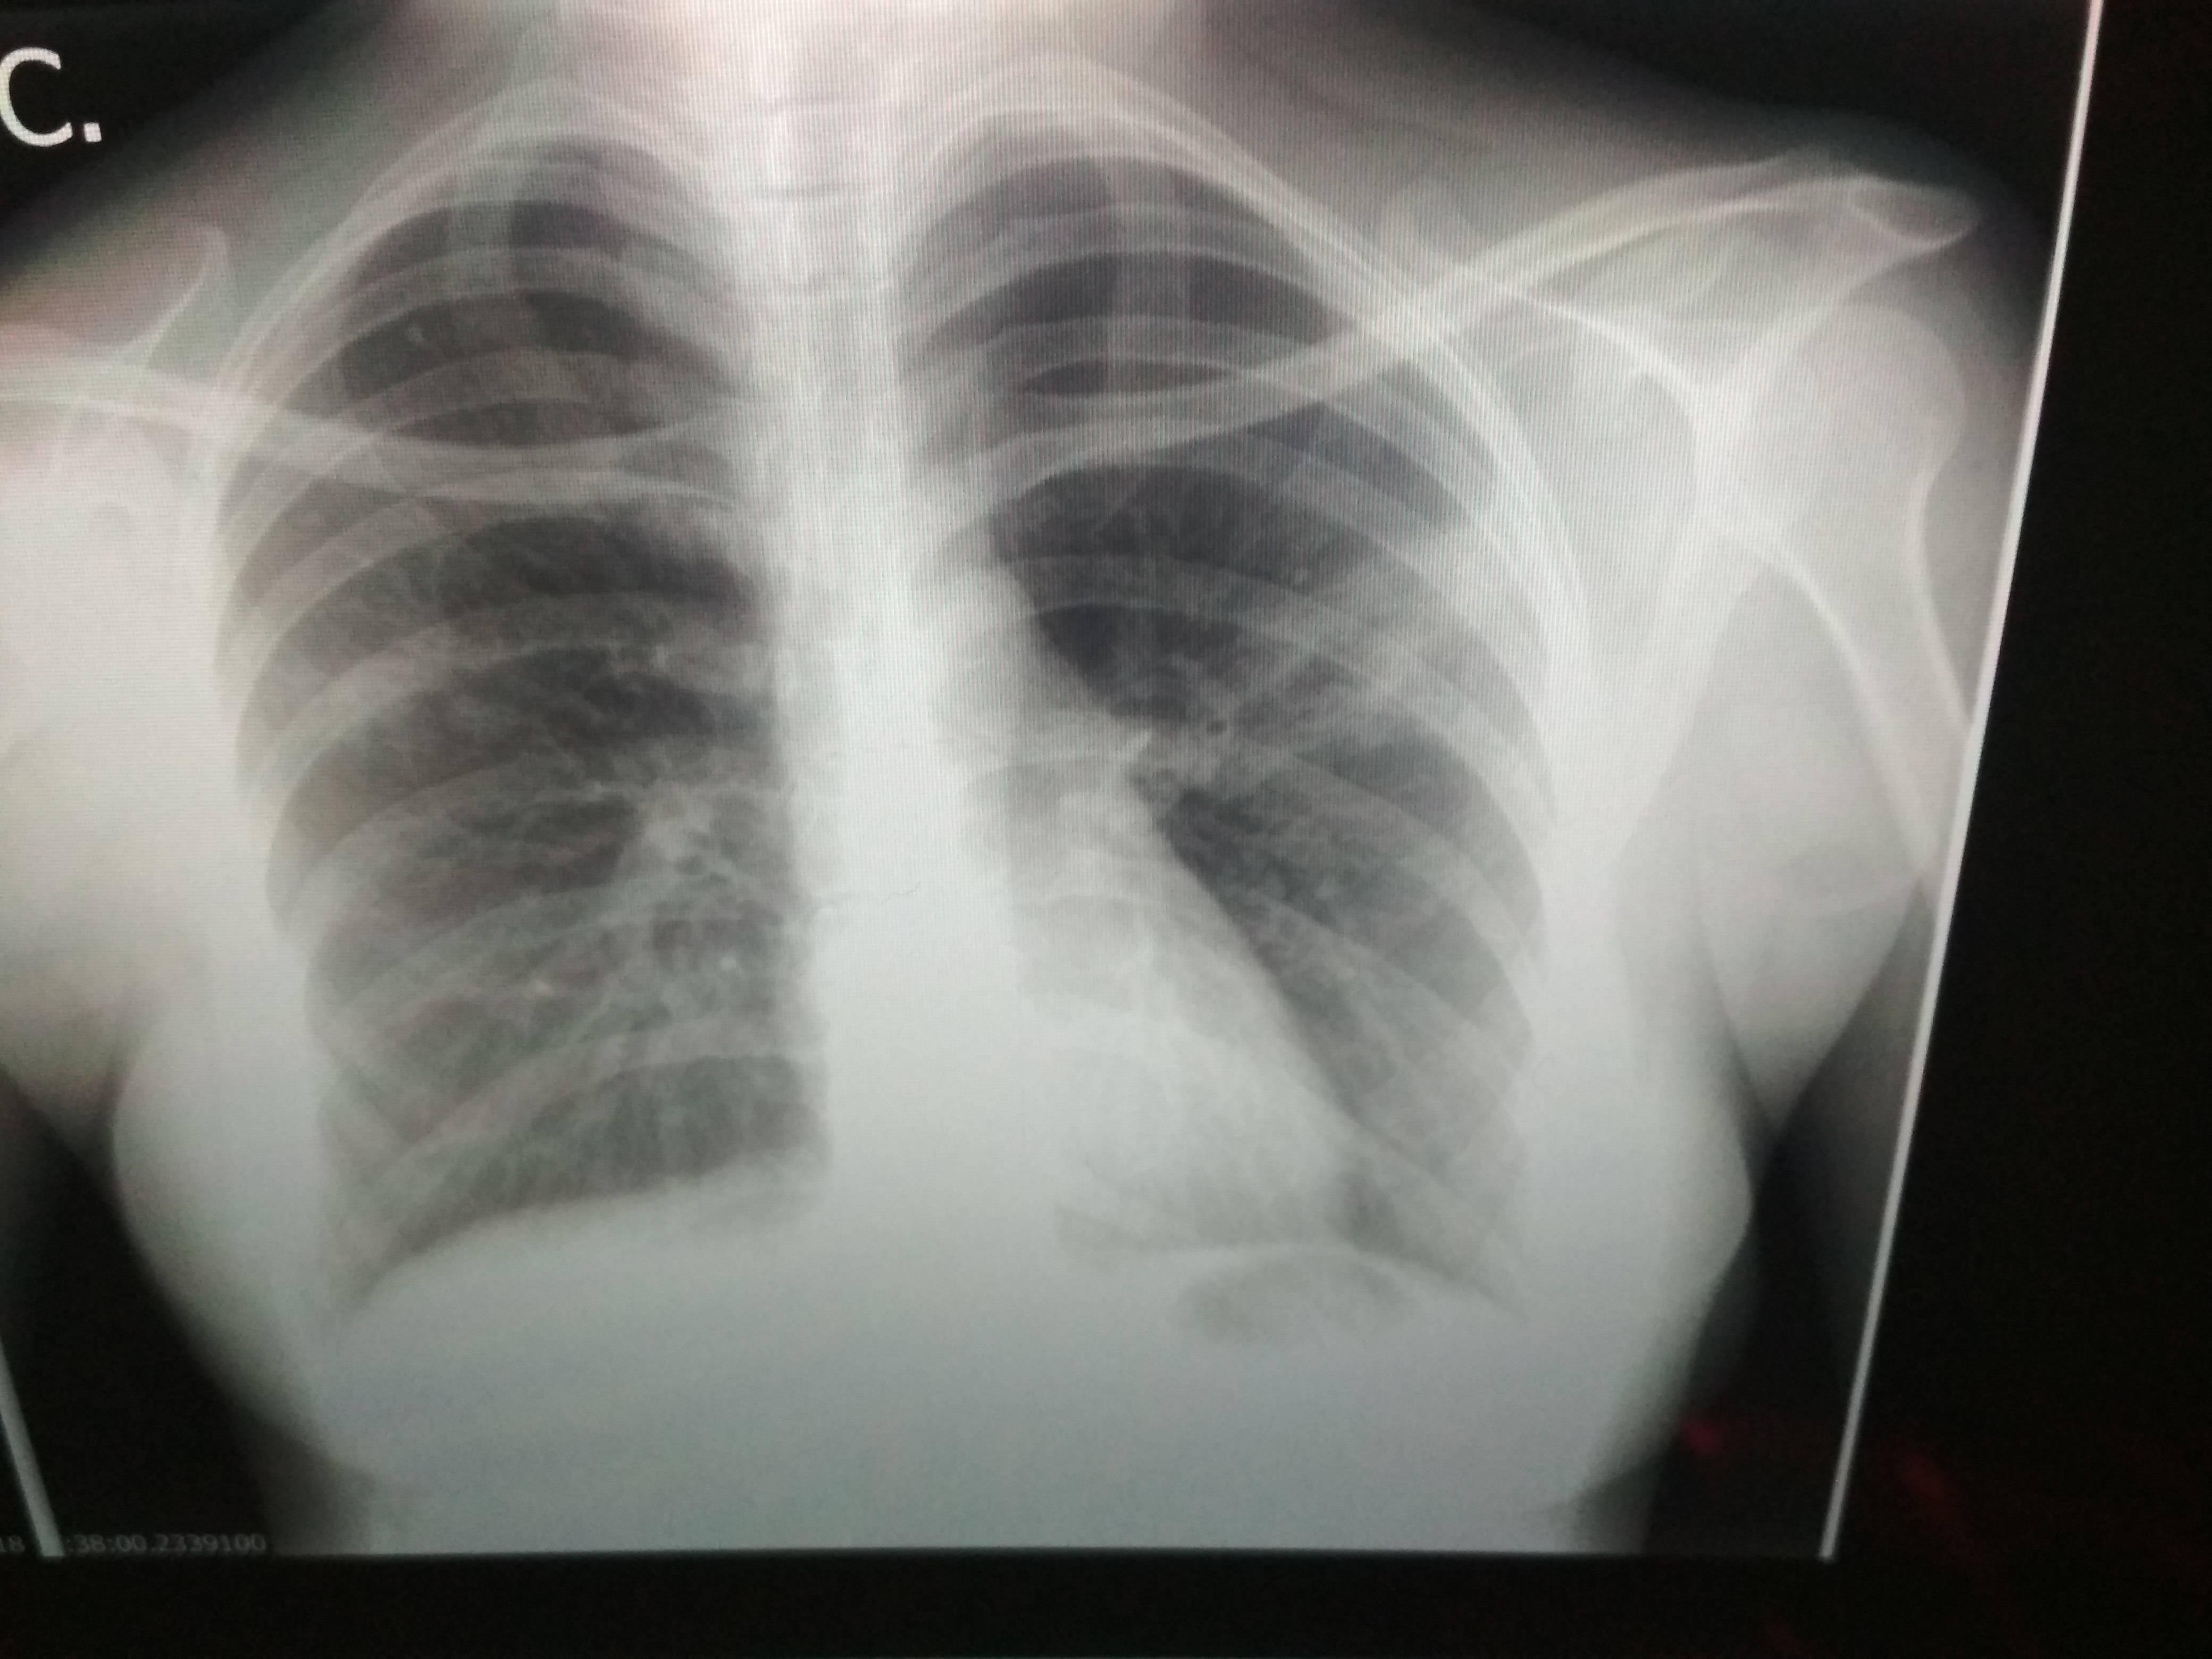 Вопрос №10 — какова вероятность перехода пневмонии в туберкулёз?